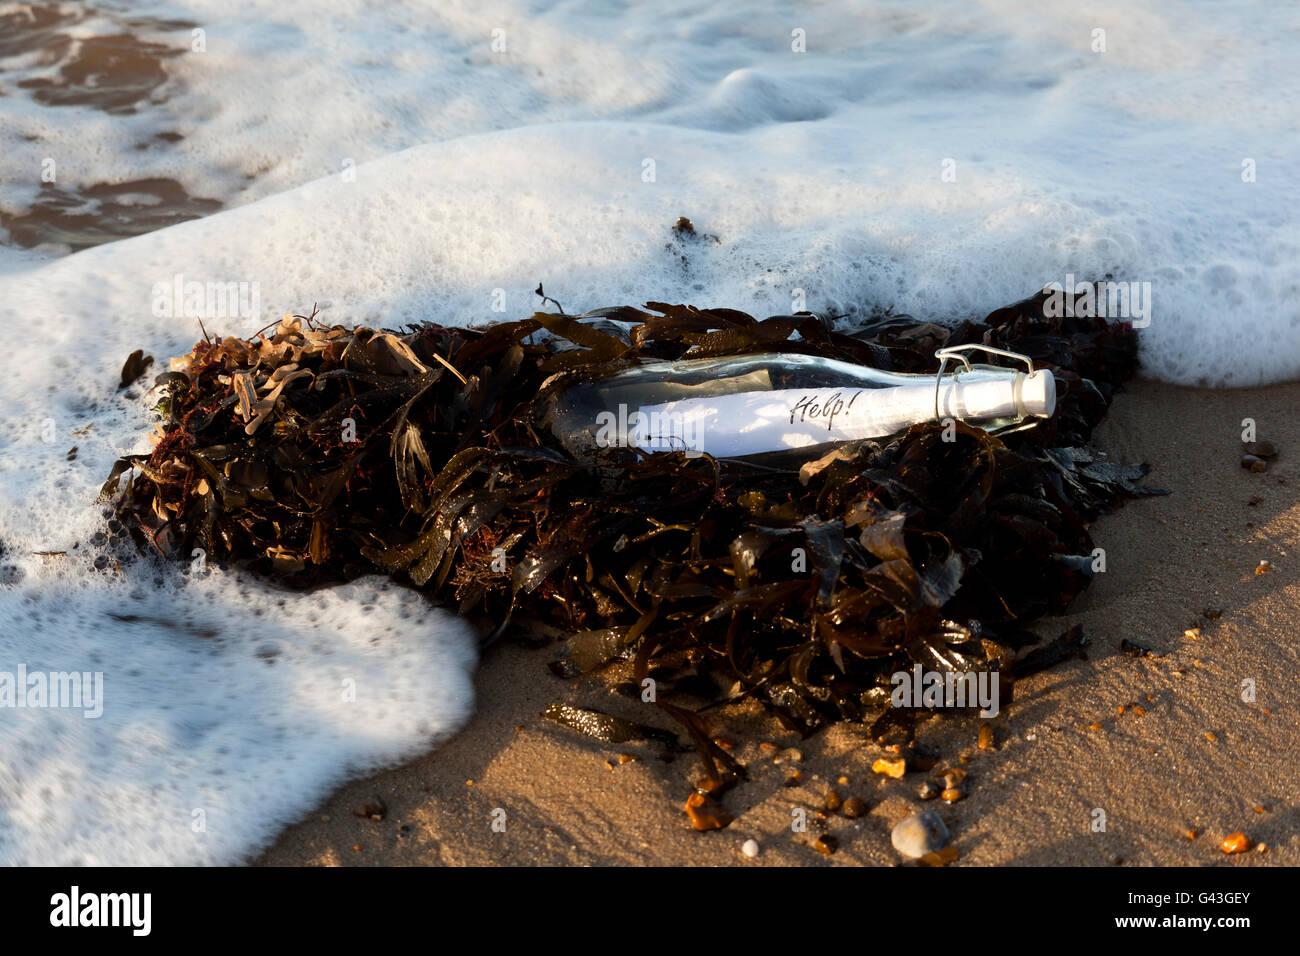 Mensaje es una botella lavada 'Ayuda' en la playa Foto de stock